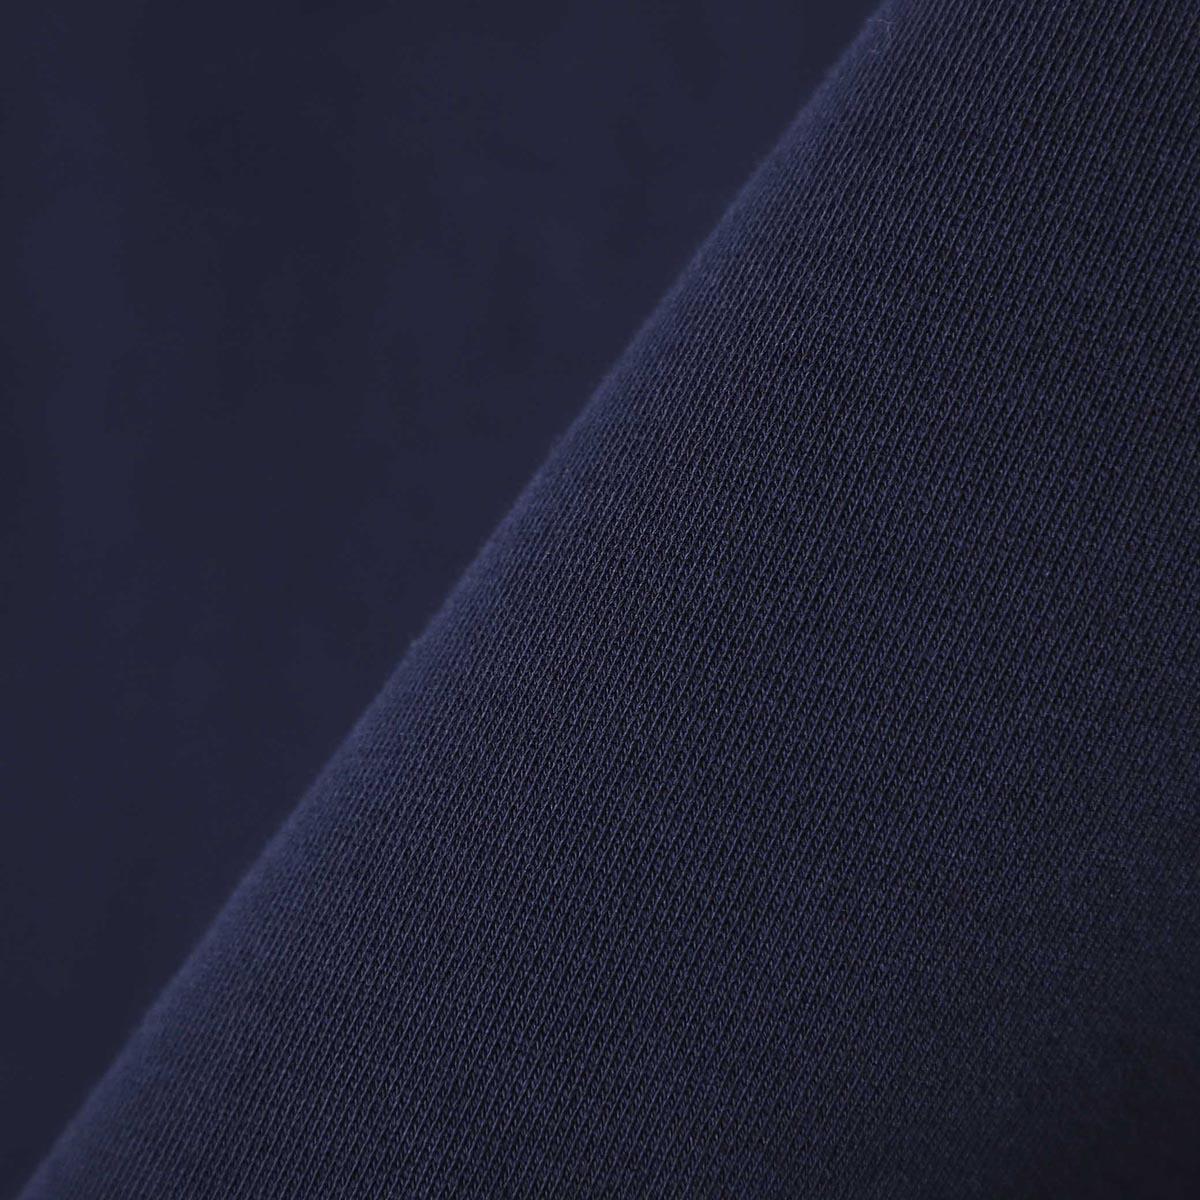 【タイムセール TOPS】MAISON KITSUNE メゾンキツネ スウェット/プルオーバー/SWEATSHIRT TRICOLOR FOX PATCH メンズ